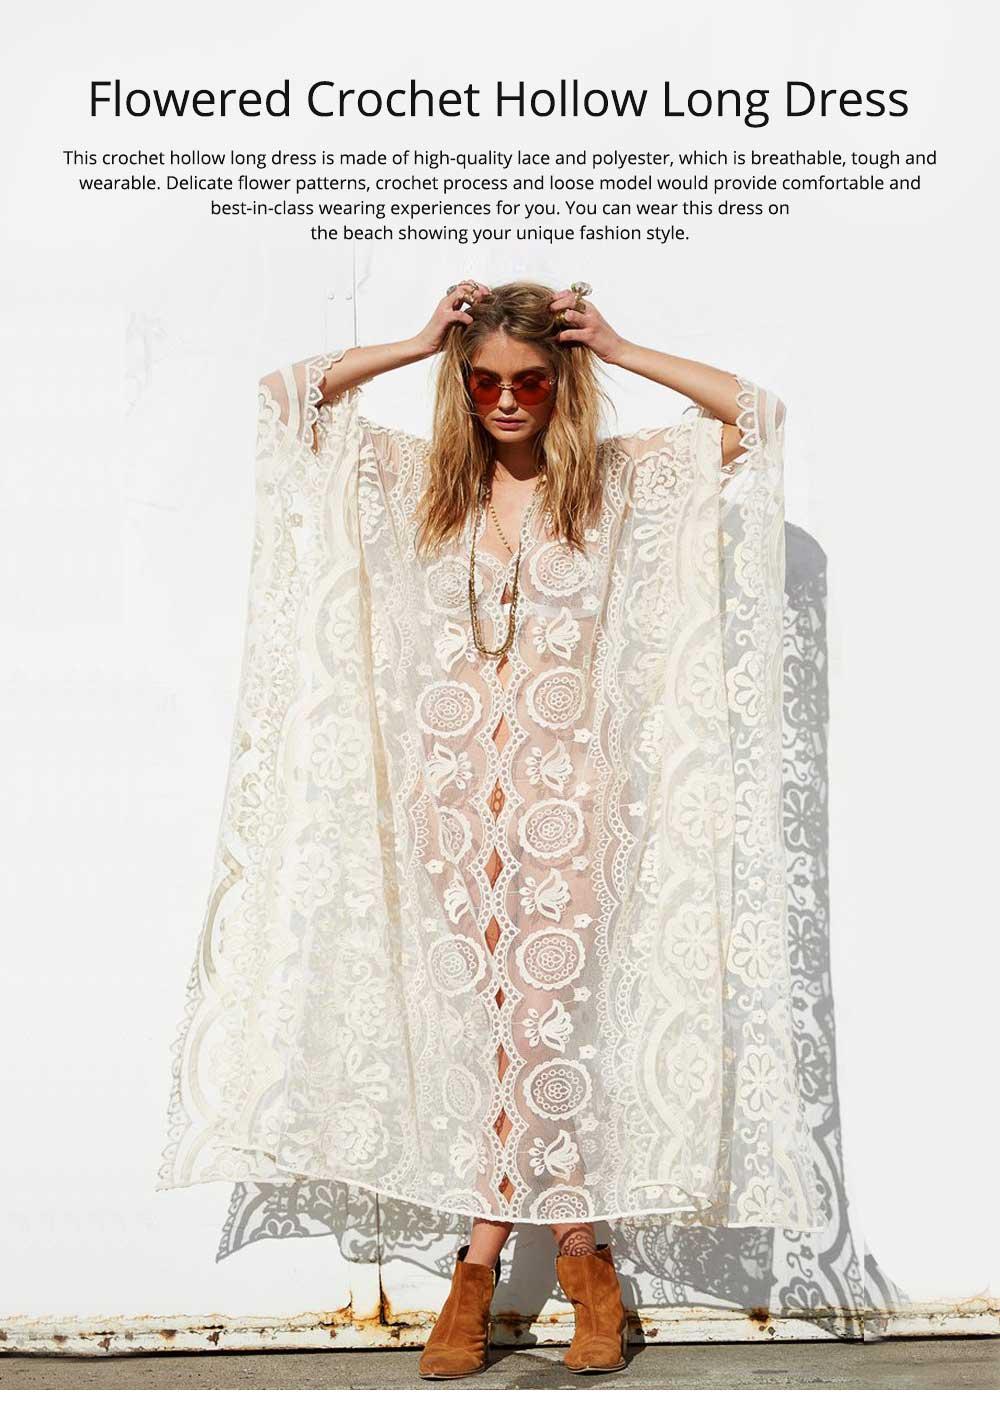 Delicate Fancy Crochet Hollow Lace Grenadine Long Dress, Sexy Fashion Flower Model Ladies Breach Evening Dress 0